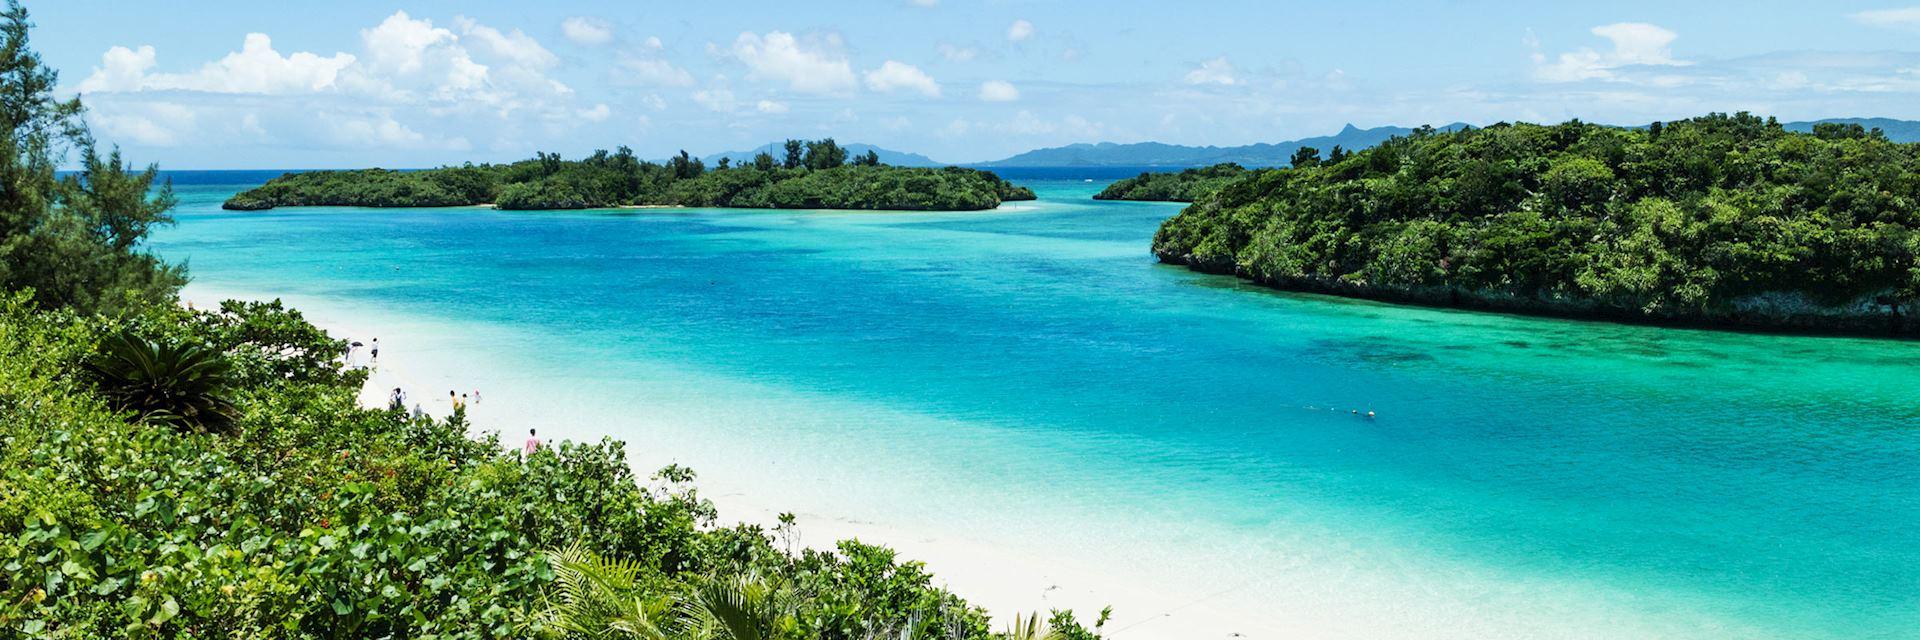 Okinawa archipelago